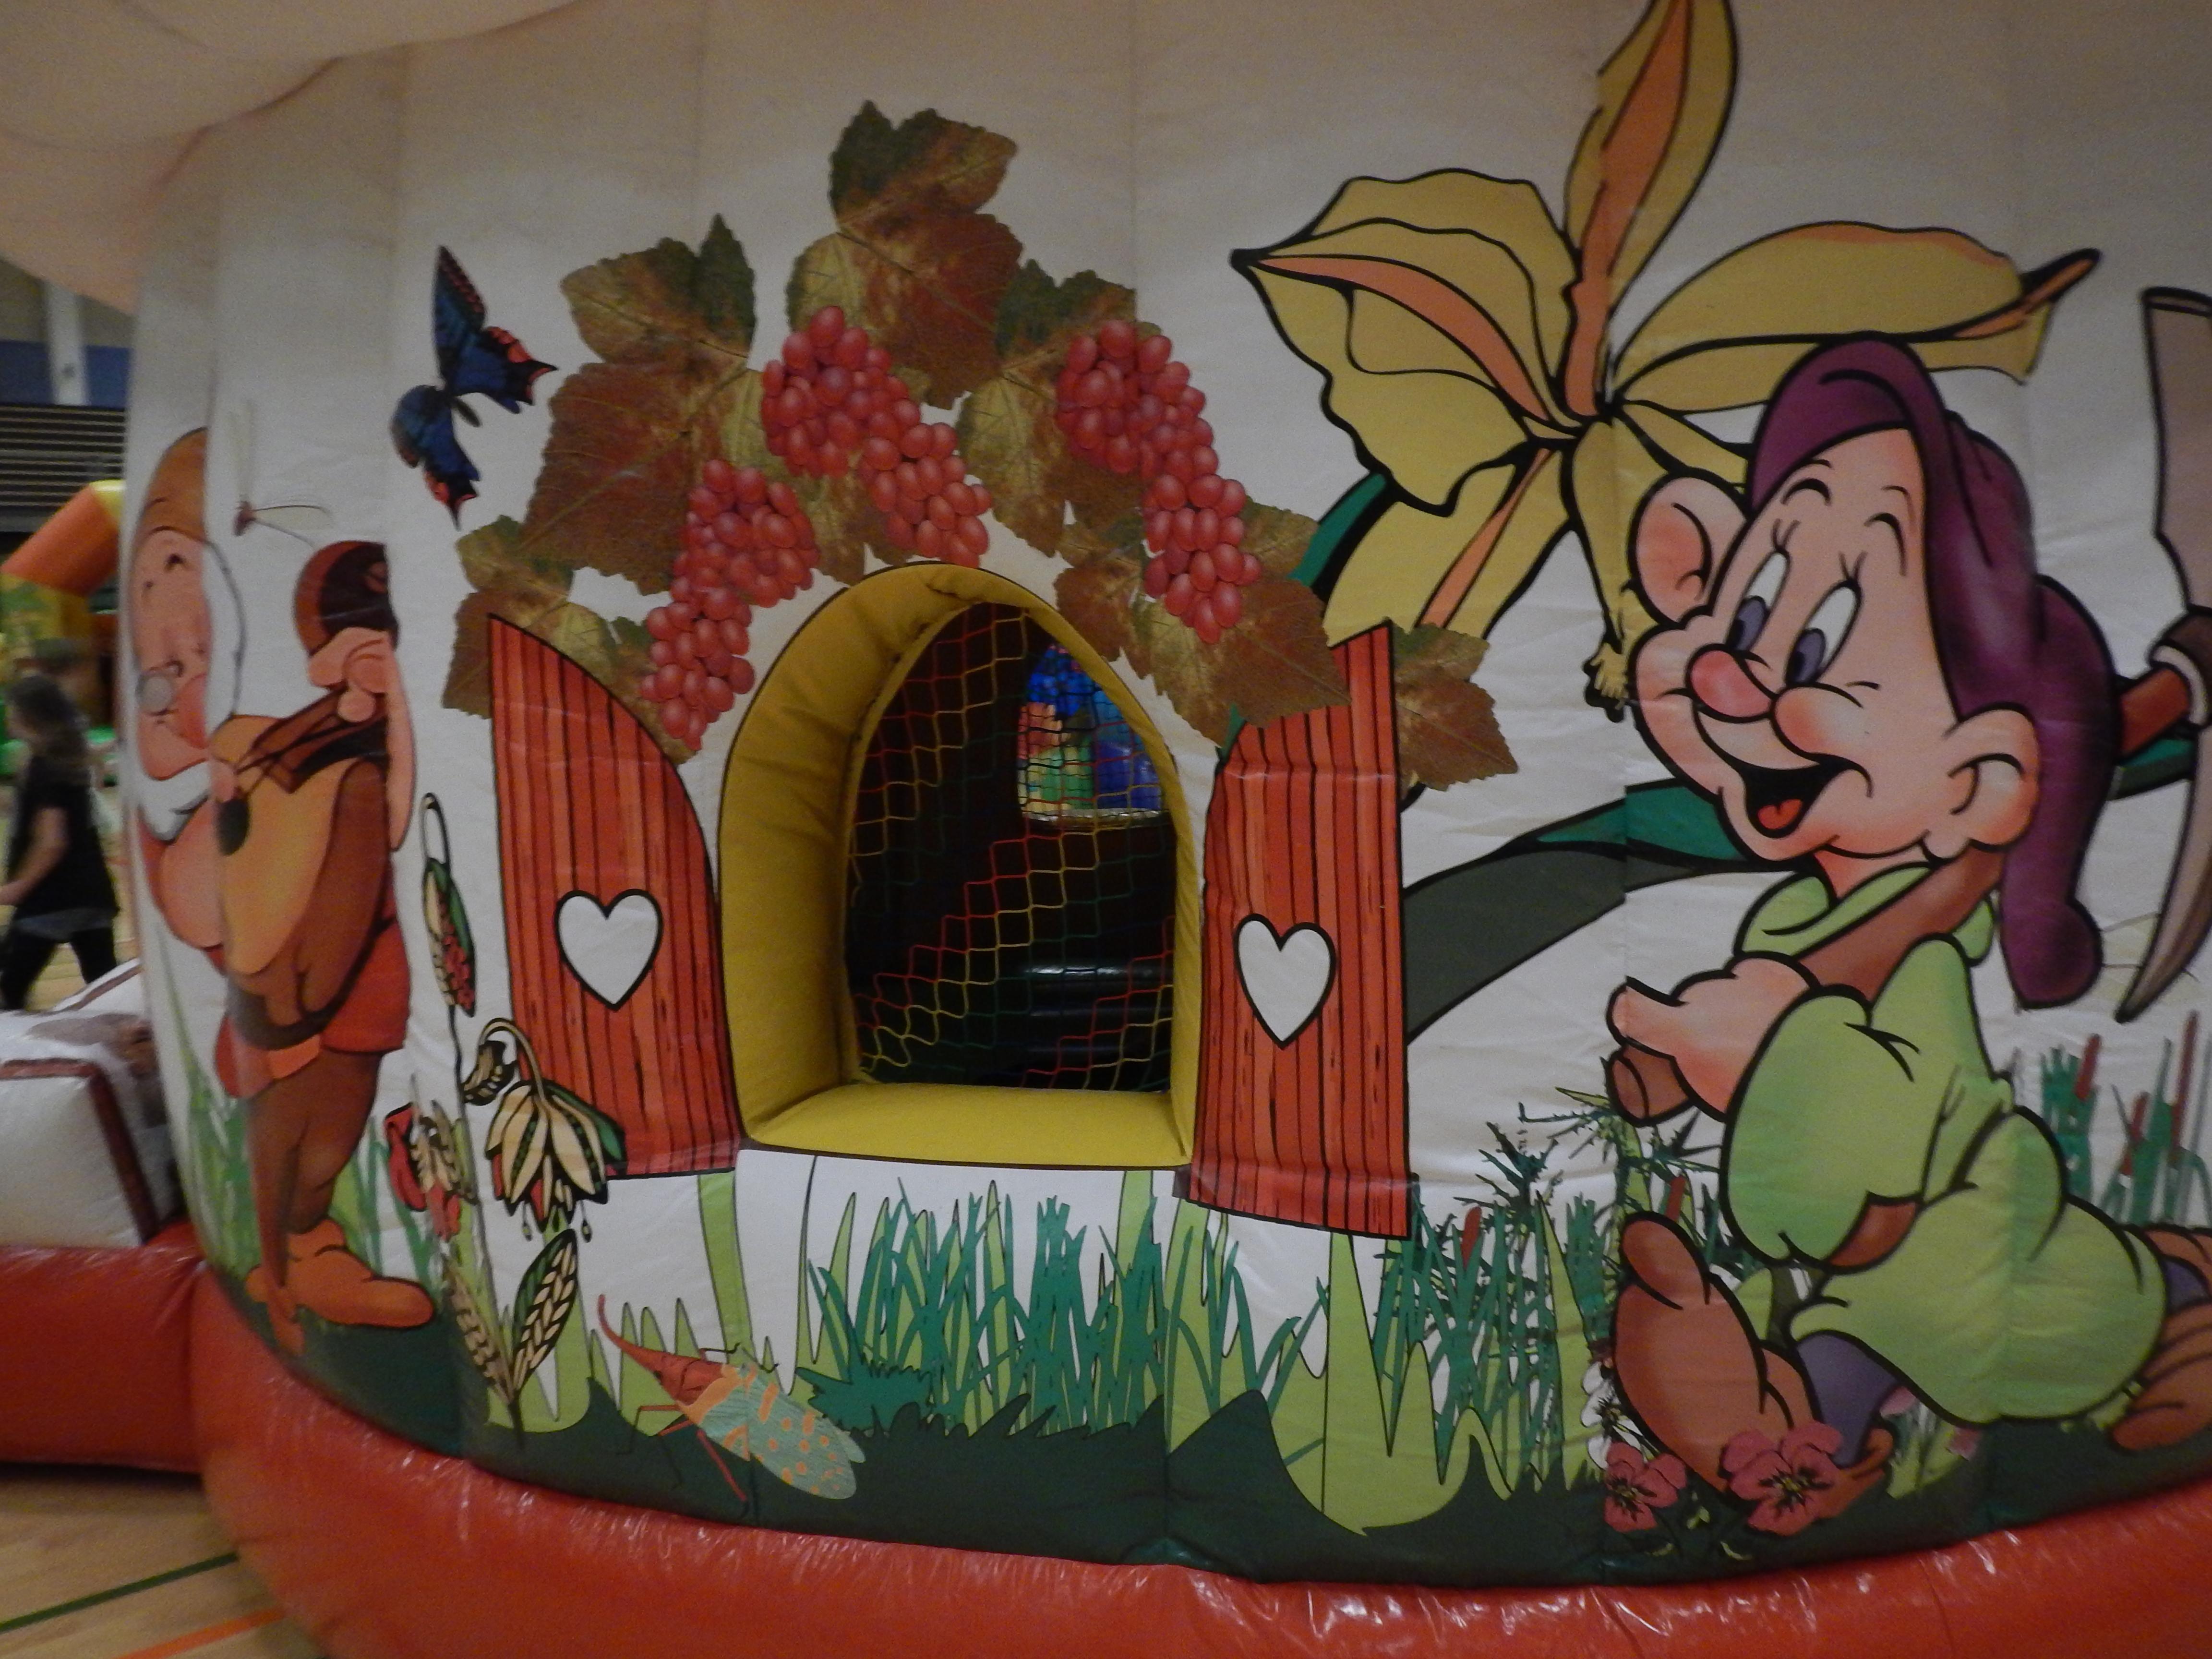 Sjov for børn, eventyr, børnefødselsdag